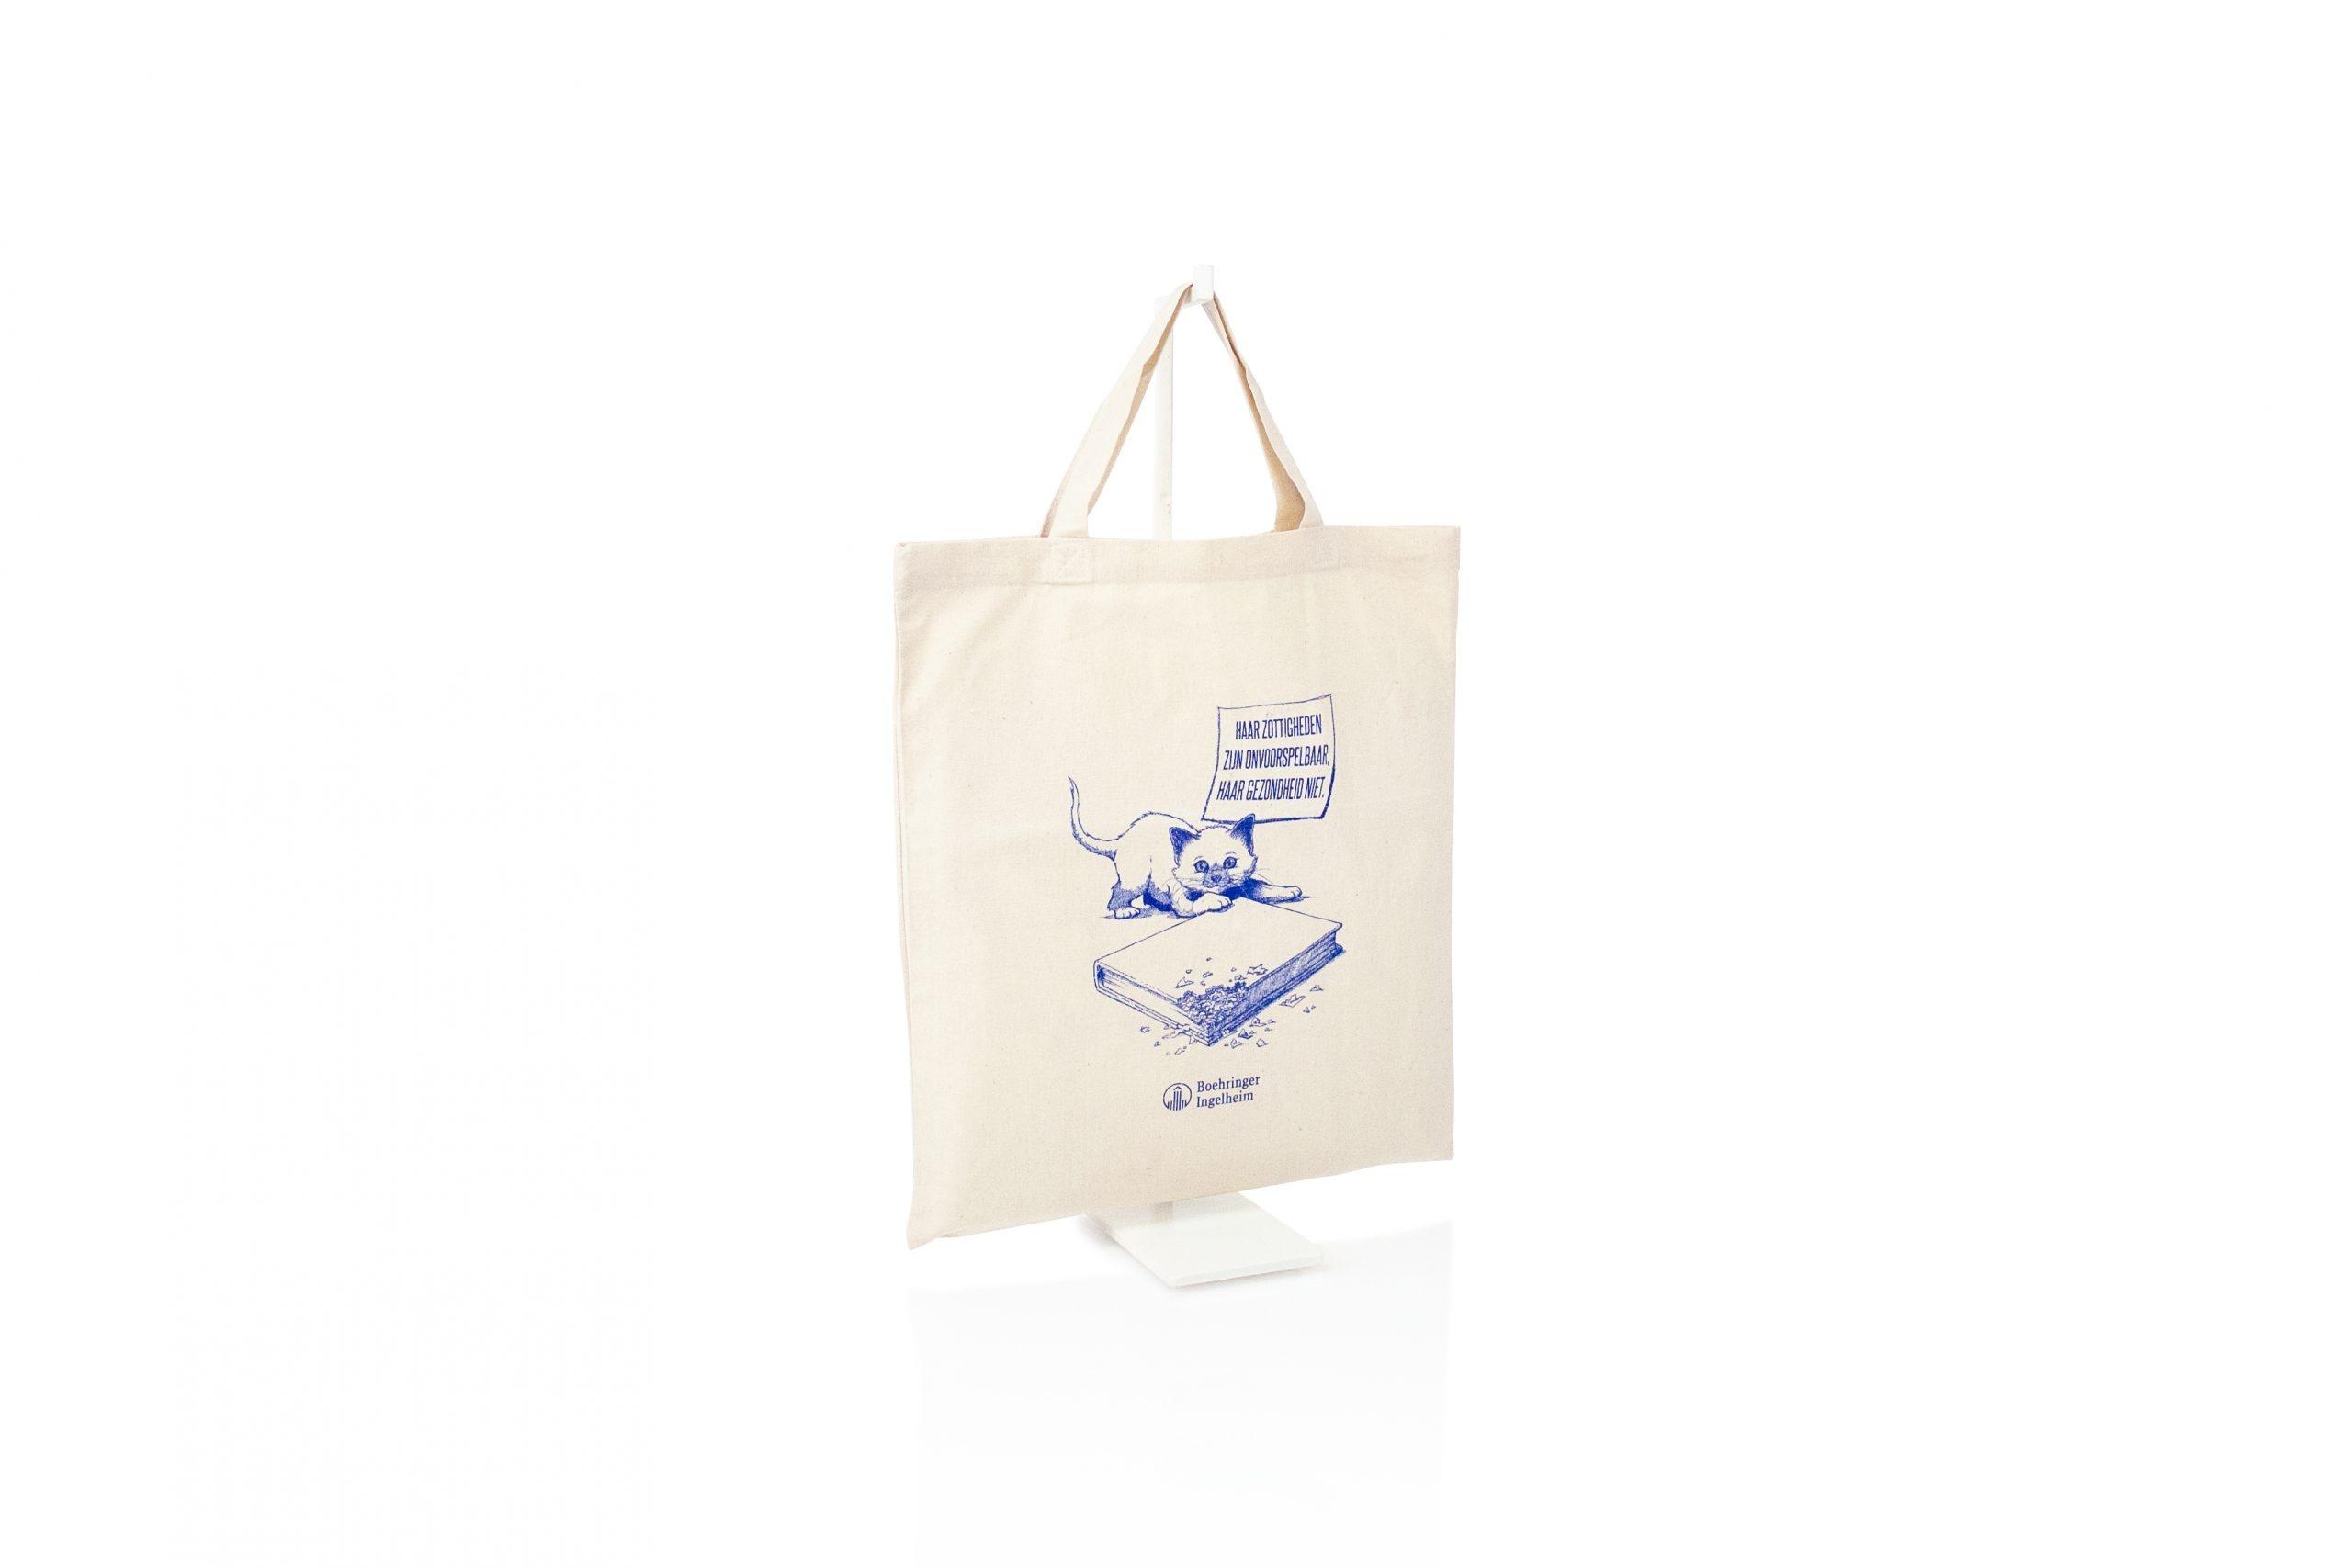 Shopper katoen gepersonaliseerd met logo made in EU OEKOTEX gecertificeerd